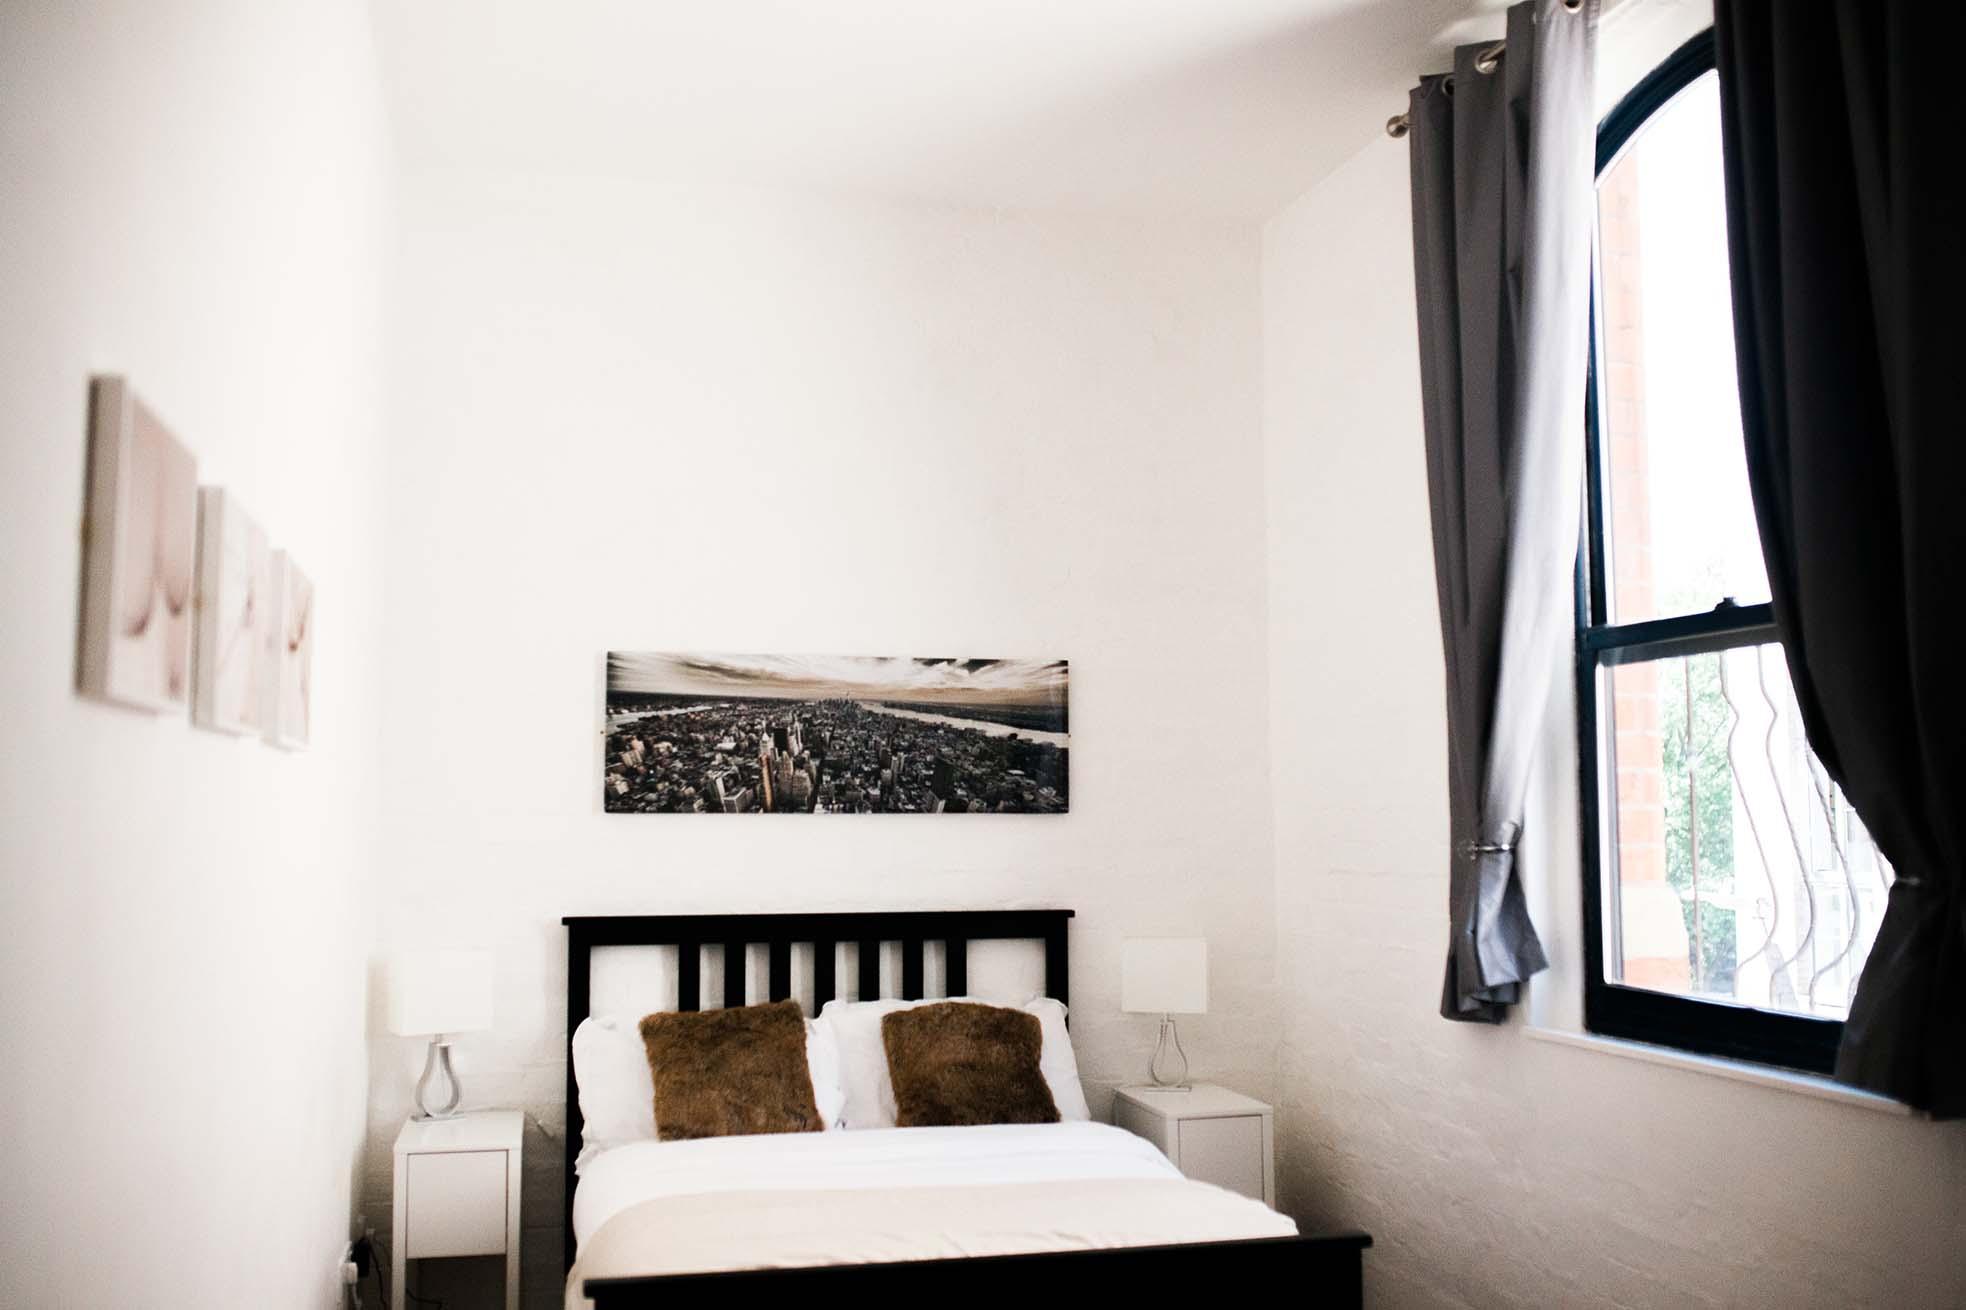 The Hosté - Sanctuary Serviced Accommodation